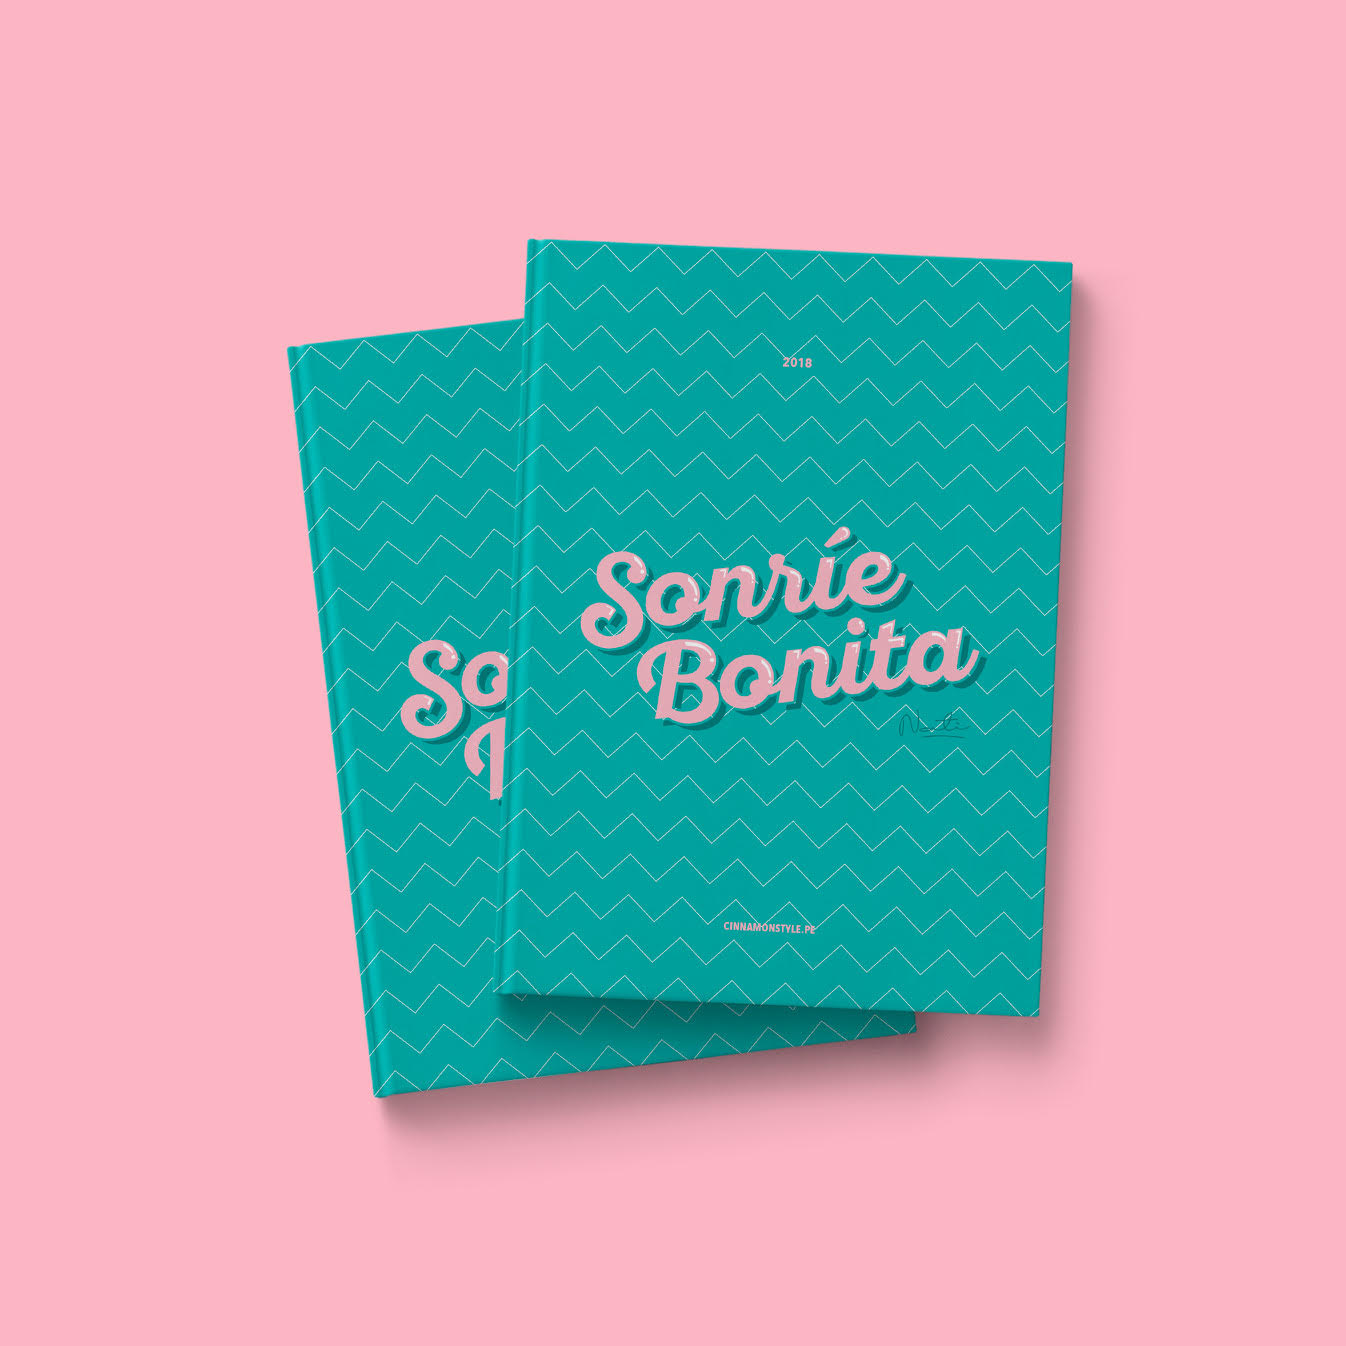 Agenda Sonrie Bonita 2018 en color verde  Alto: 18 cm  Ancho: 23.5 cm